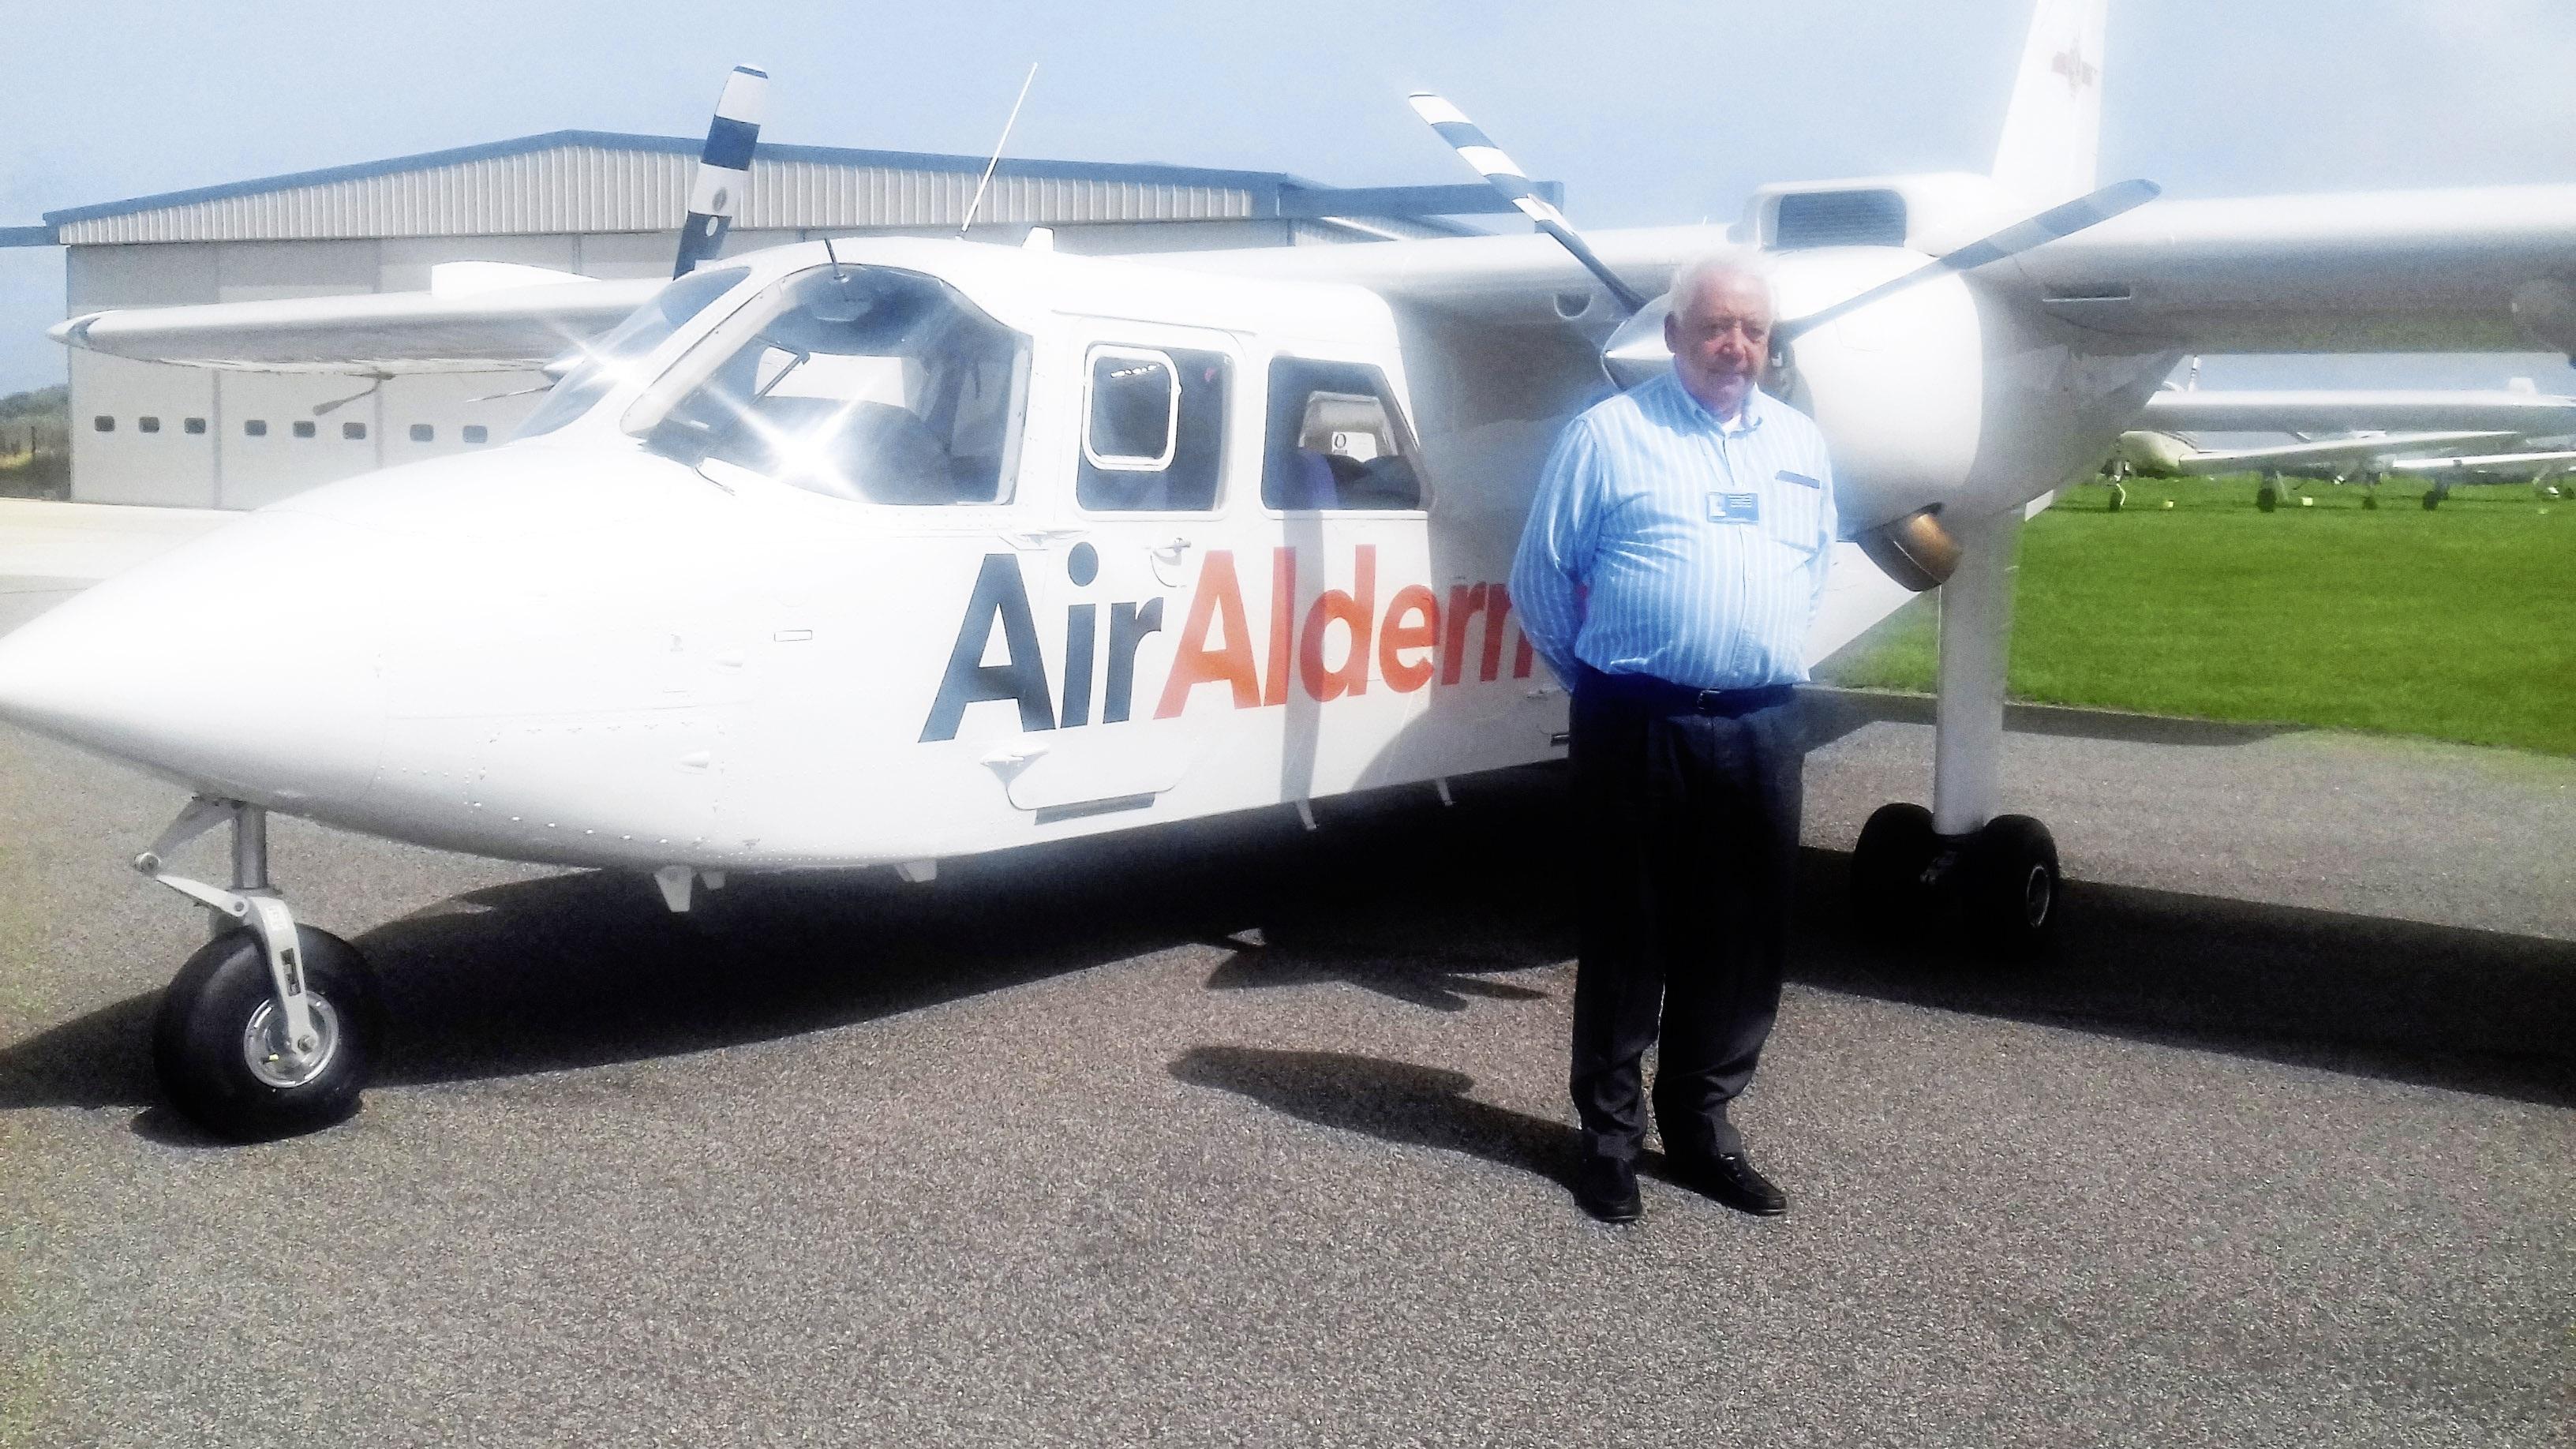 Air Alderney